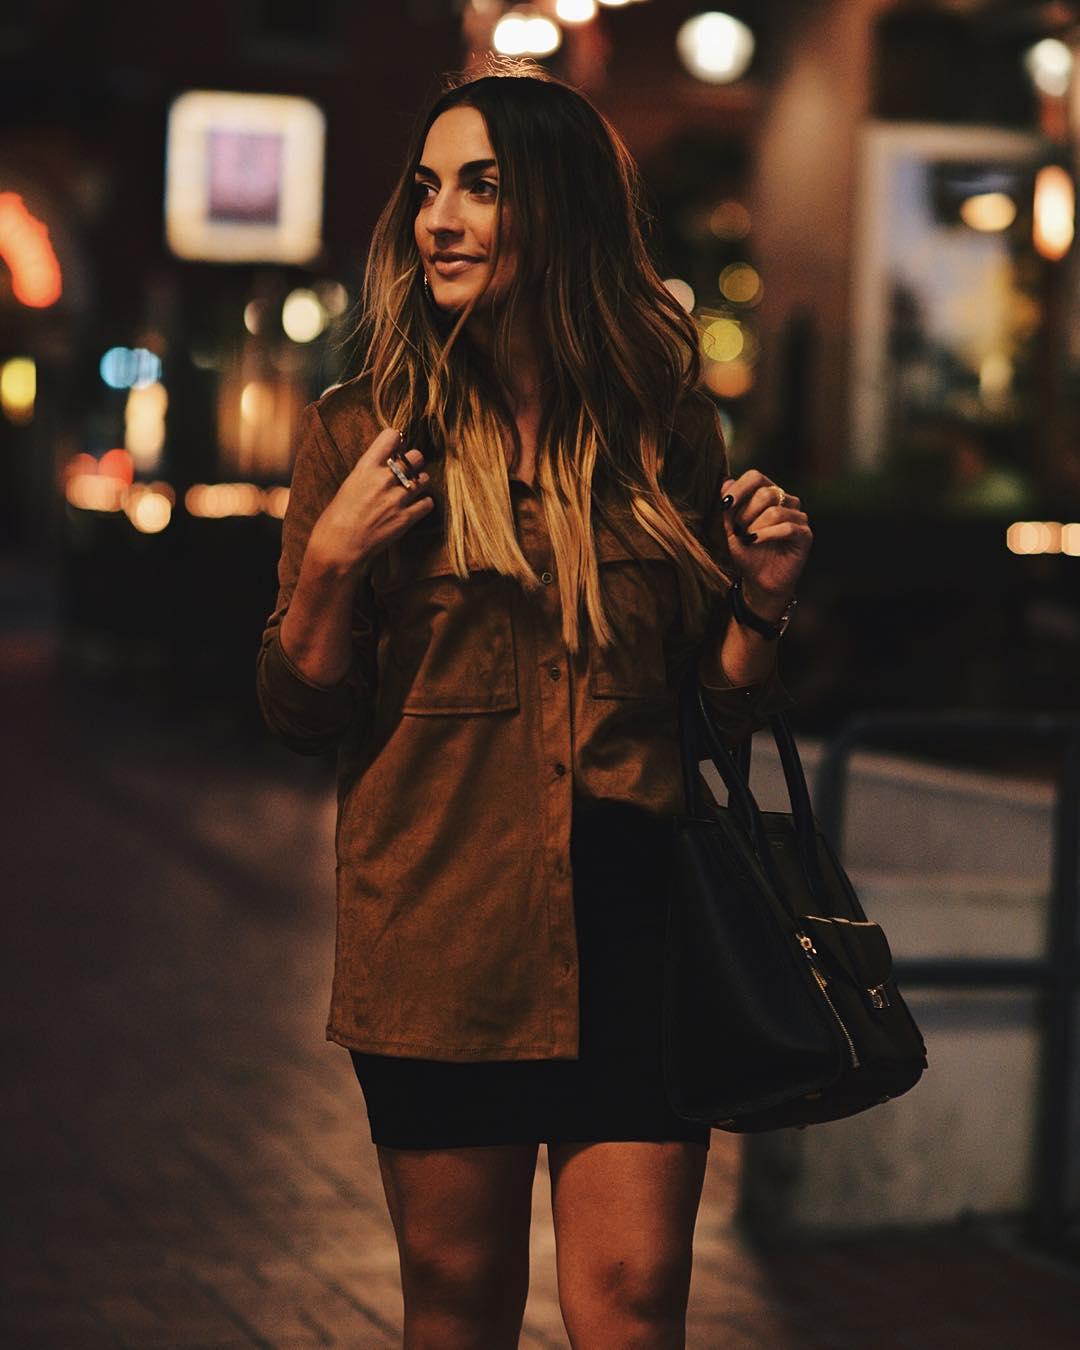 That night look tho Shop liketoknowit wwwliketkit1YGVO liketkit PC henrysyoung